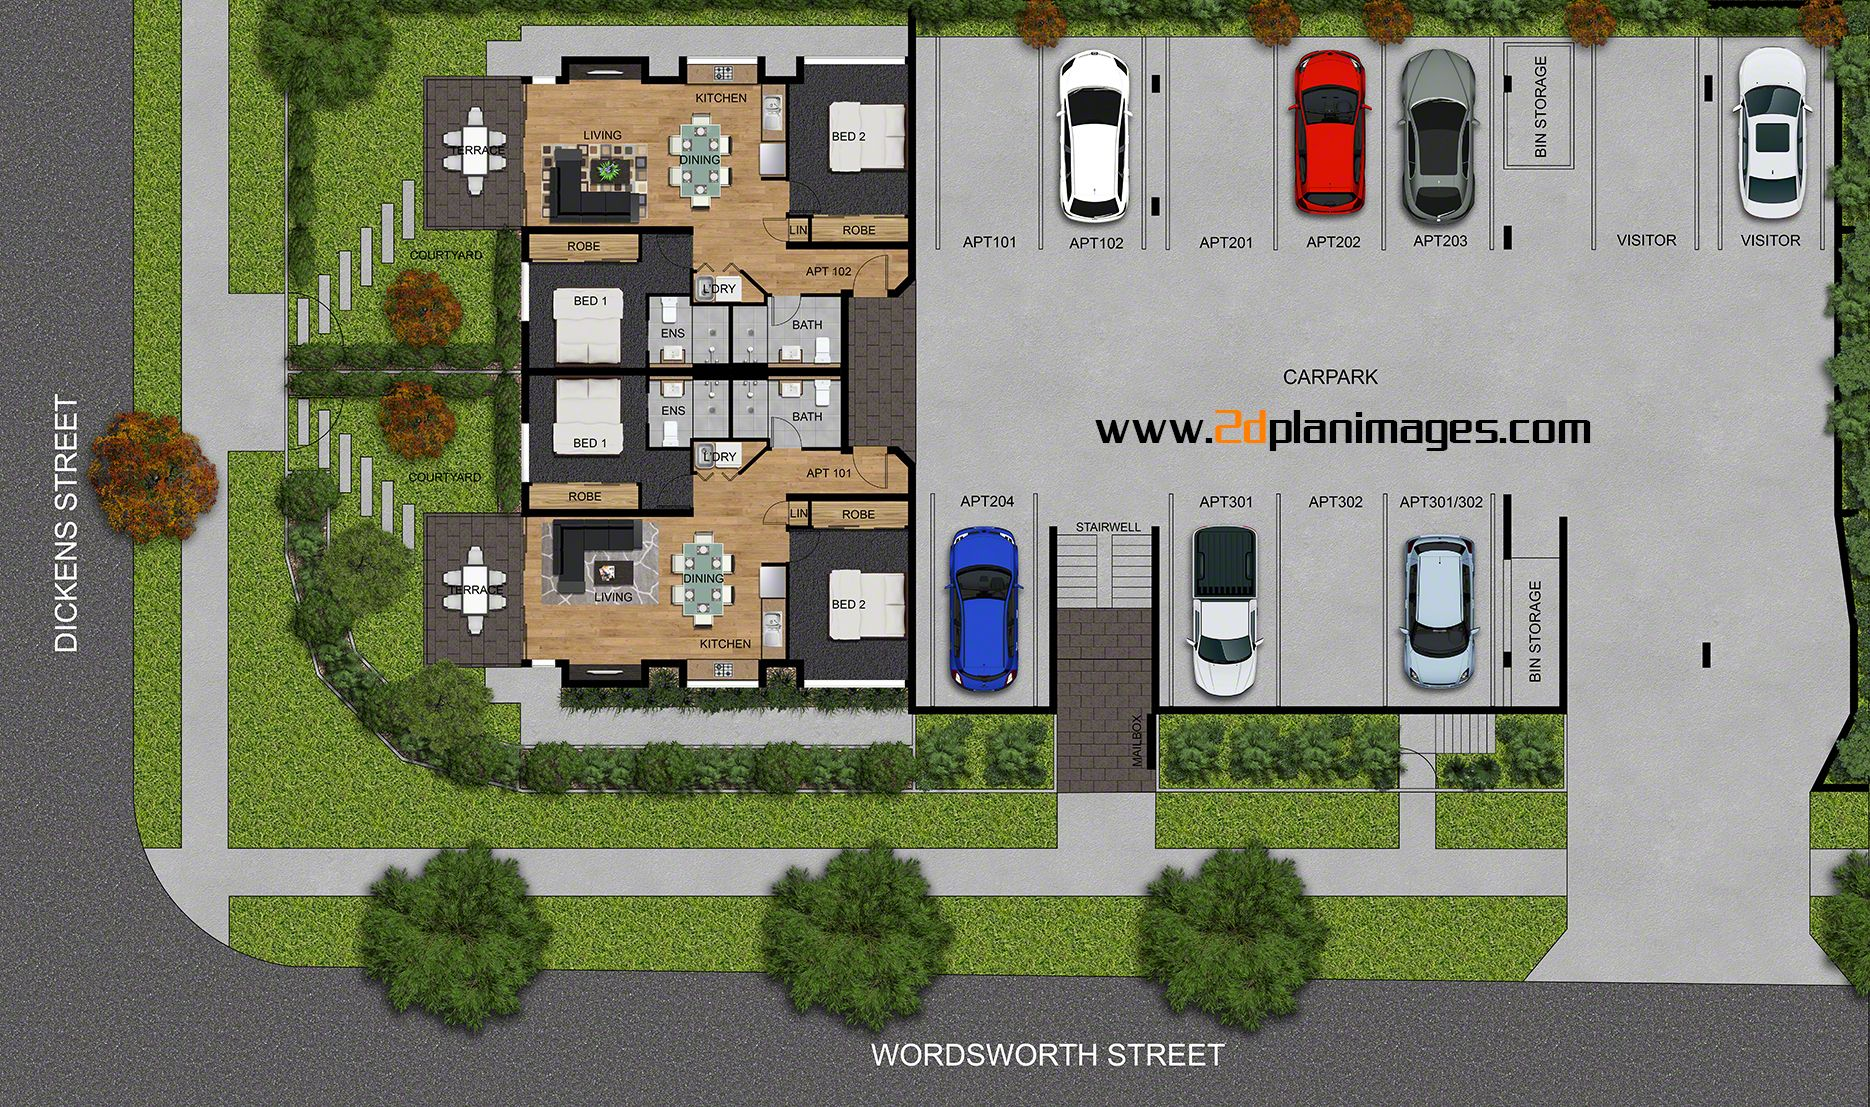 4th level 2d colour floor plan for a 4 level multi unit 4th level 2d colour floor plan for a 4 level multi unit development mt gravatt brisbane qld layout pinterest 2d architectural floor plans and